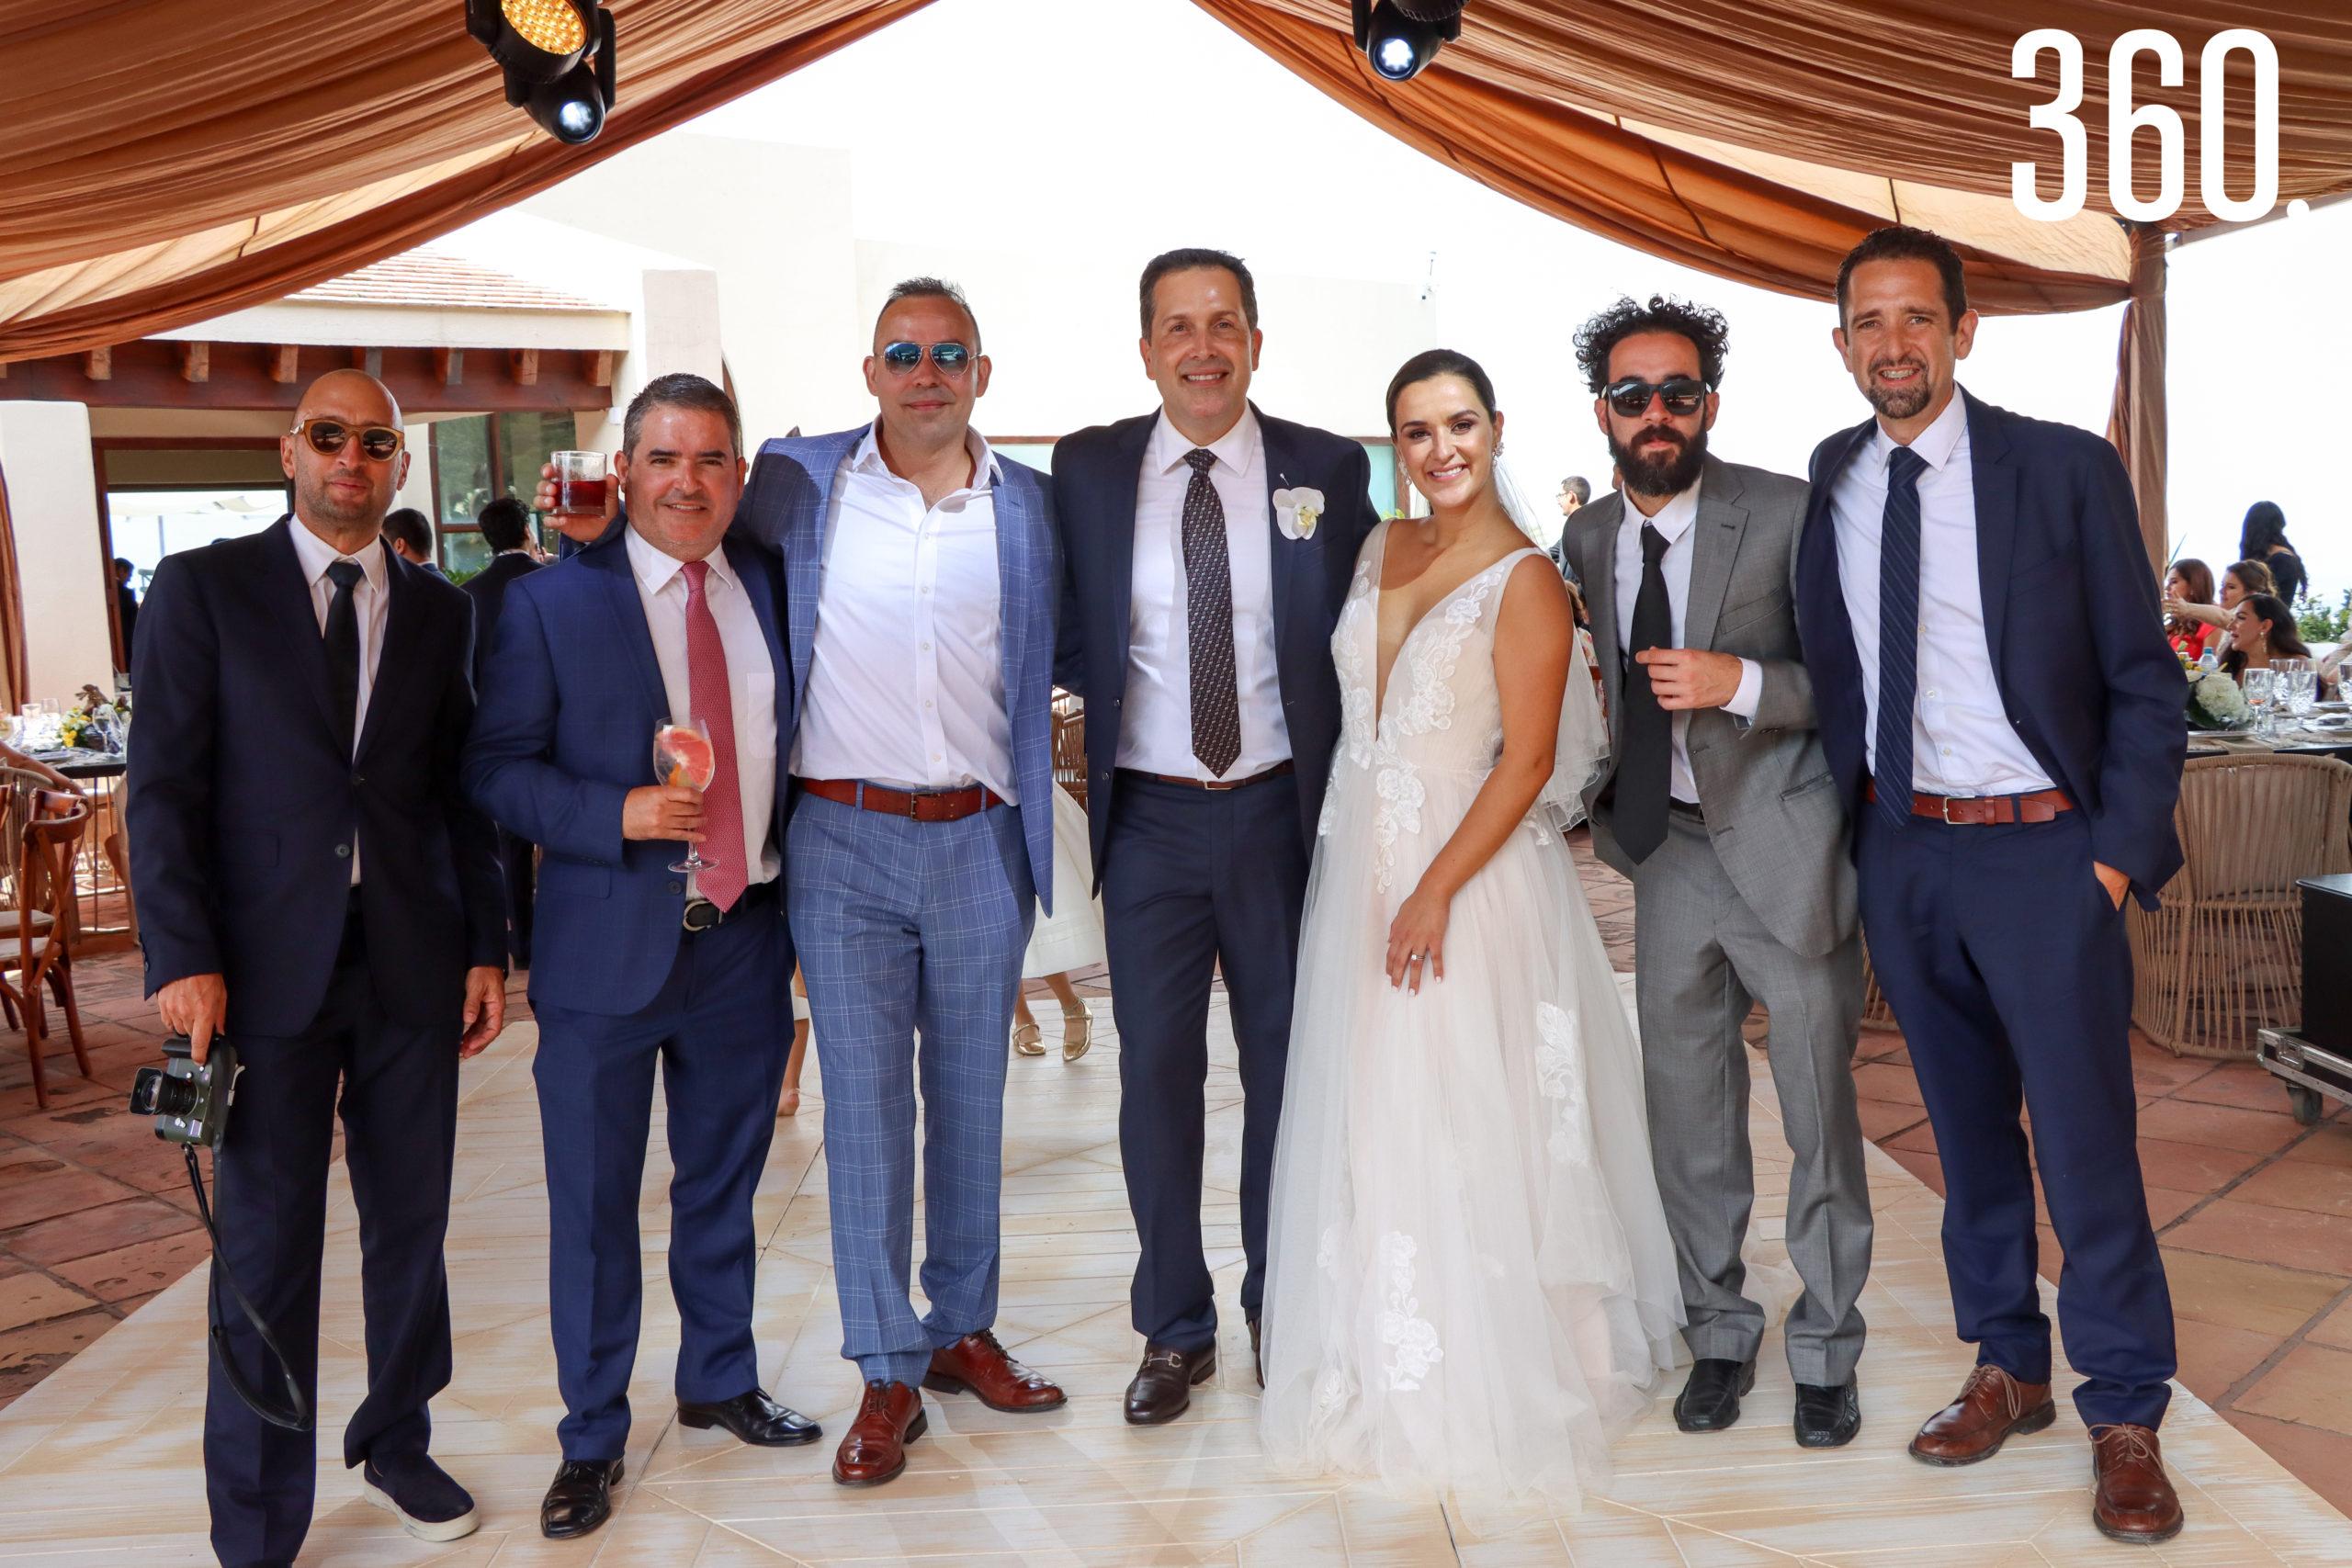 Fernando Marroquín, Carlos Morales, Guilermo Dewey, Bruno Sáenz y Onésimo Flores con los novios.